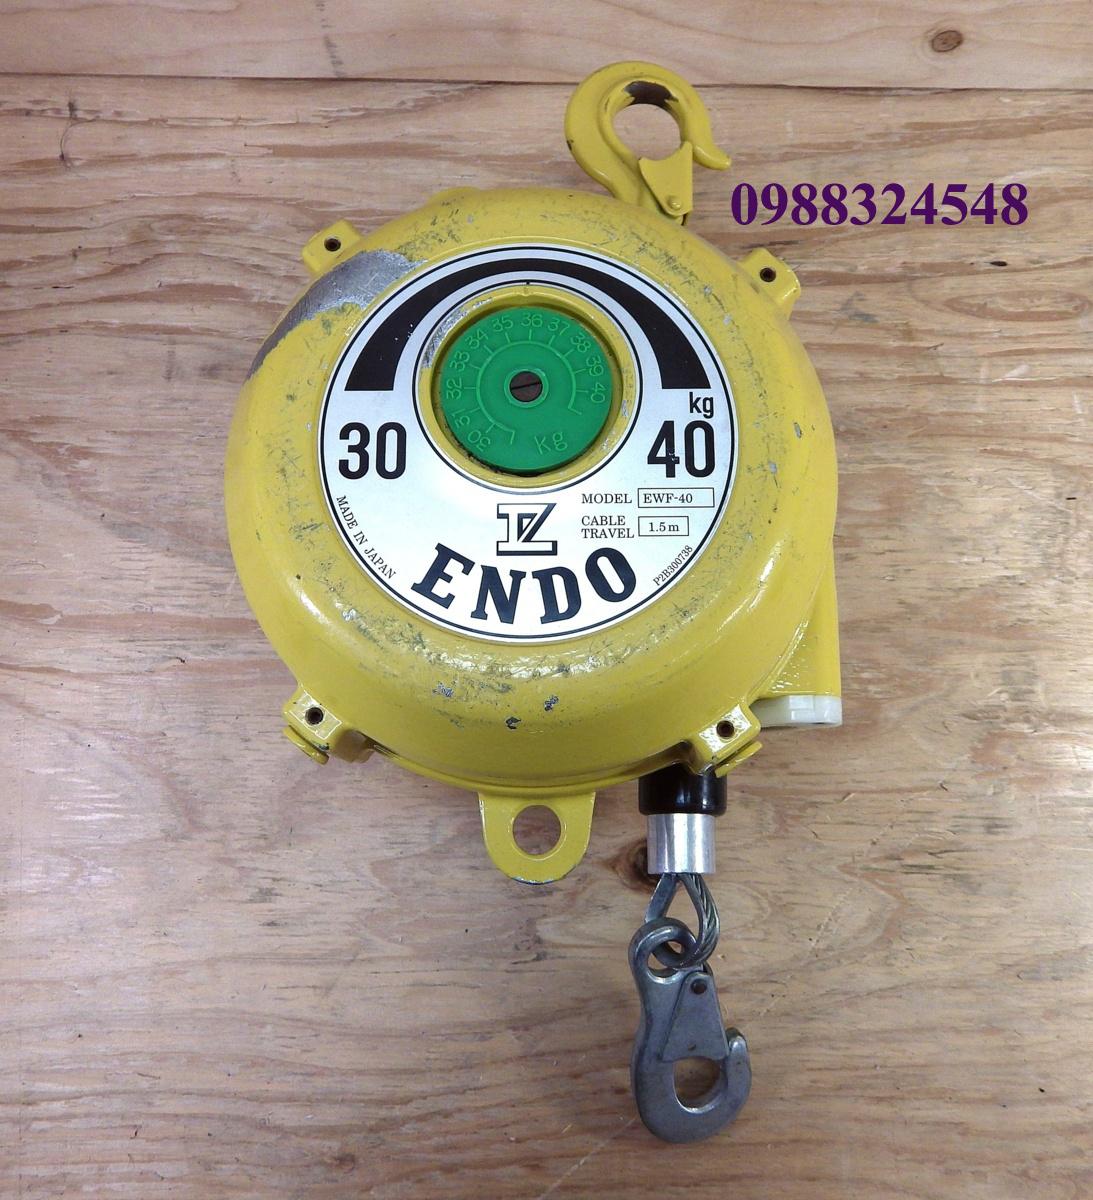 Pa lăng cân bằng Endo EWF-40